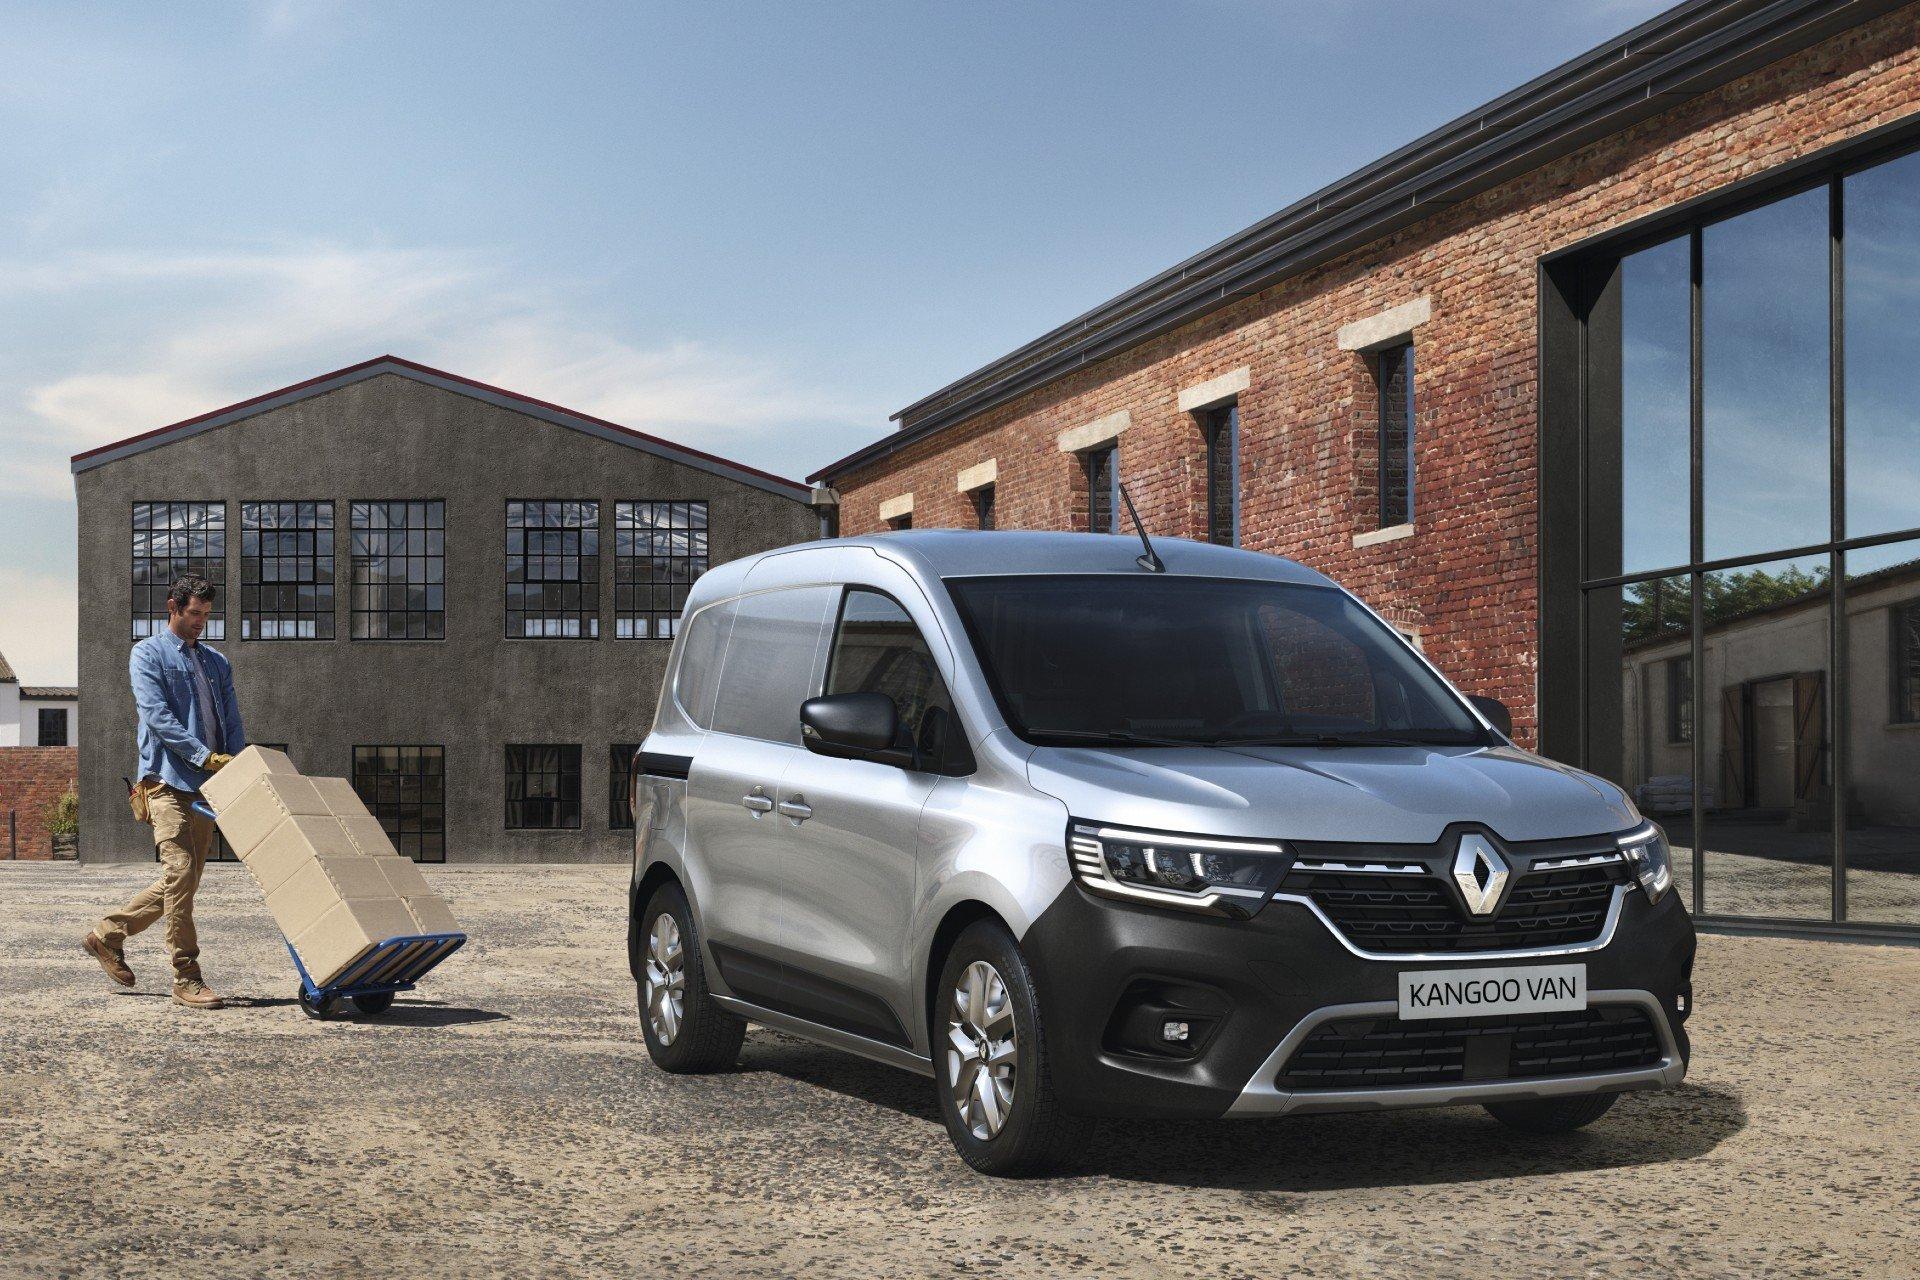 Renault Kangoo Express cargo combi